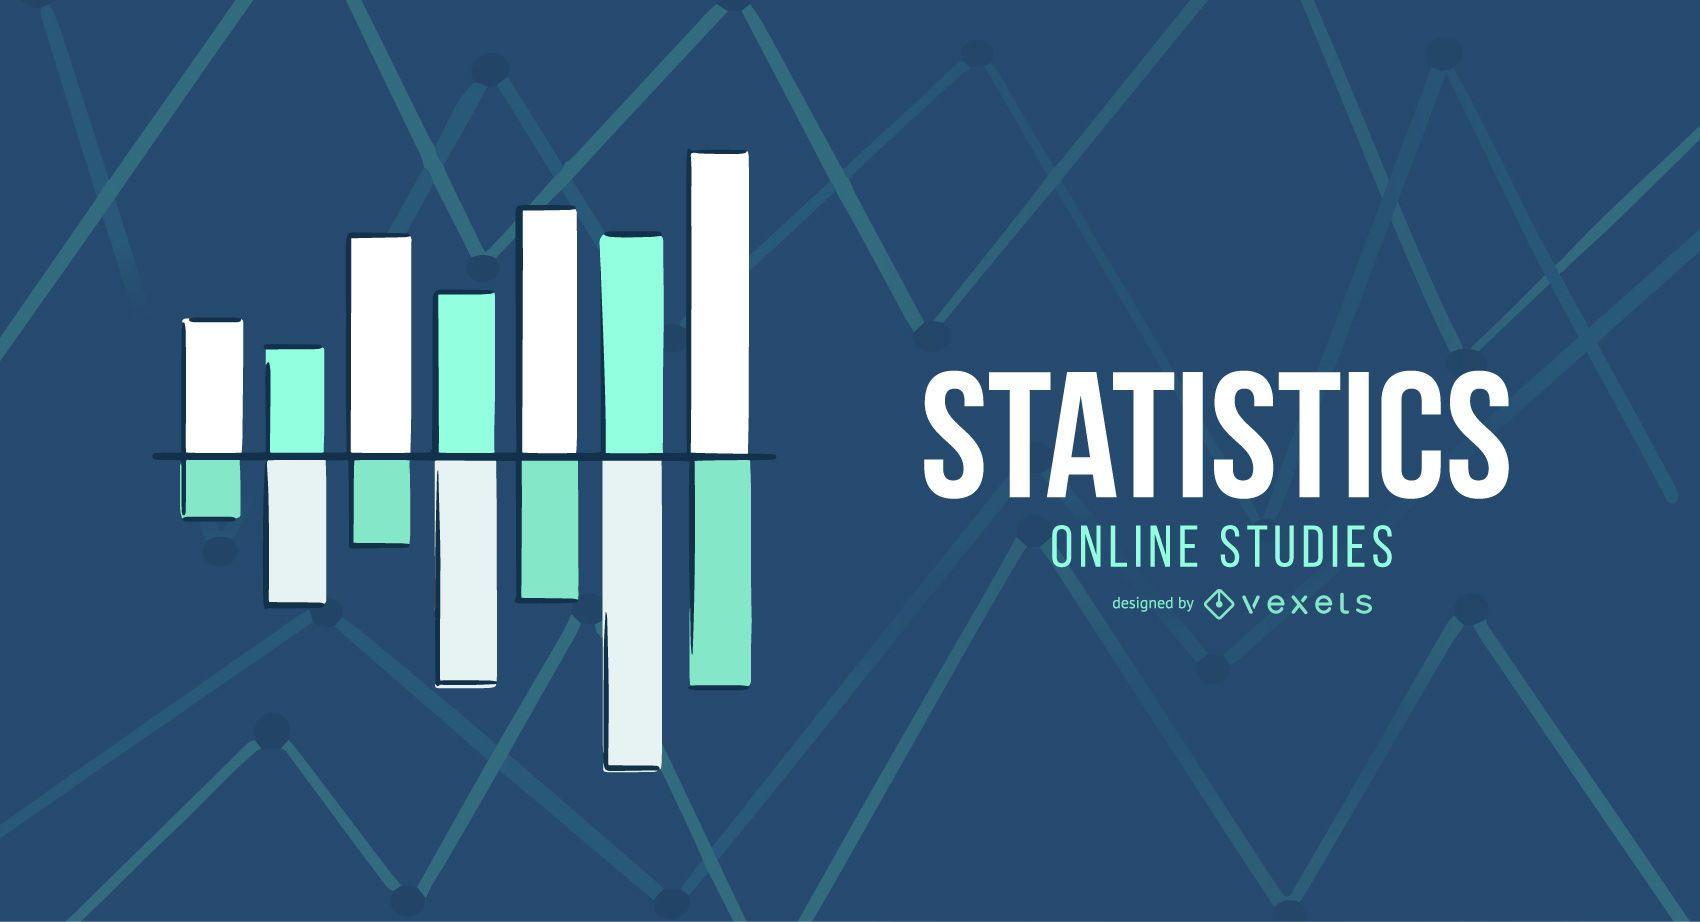 Statistics online studies cover design